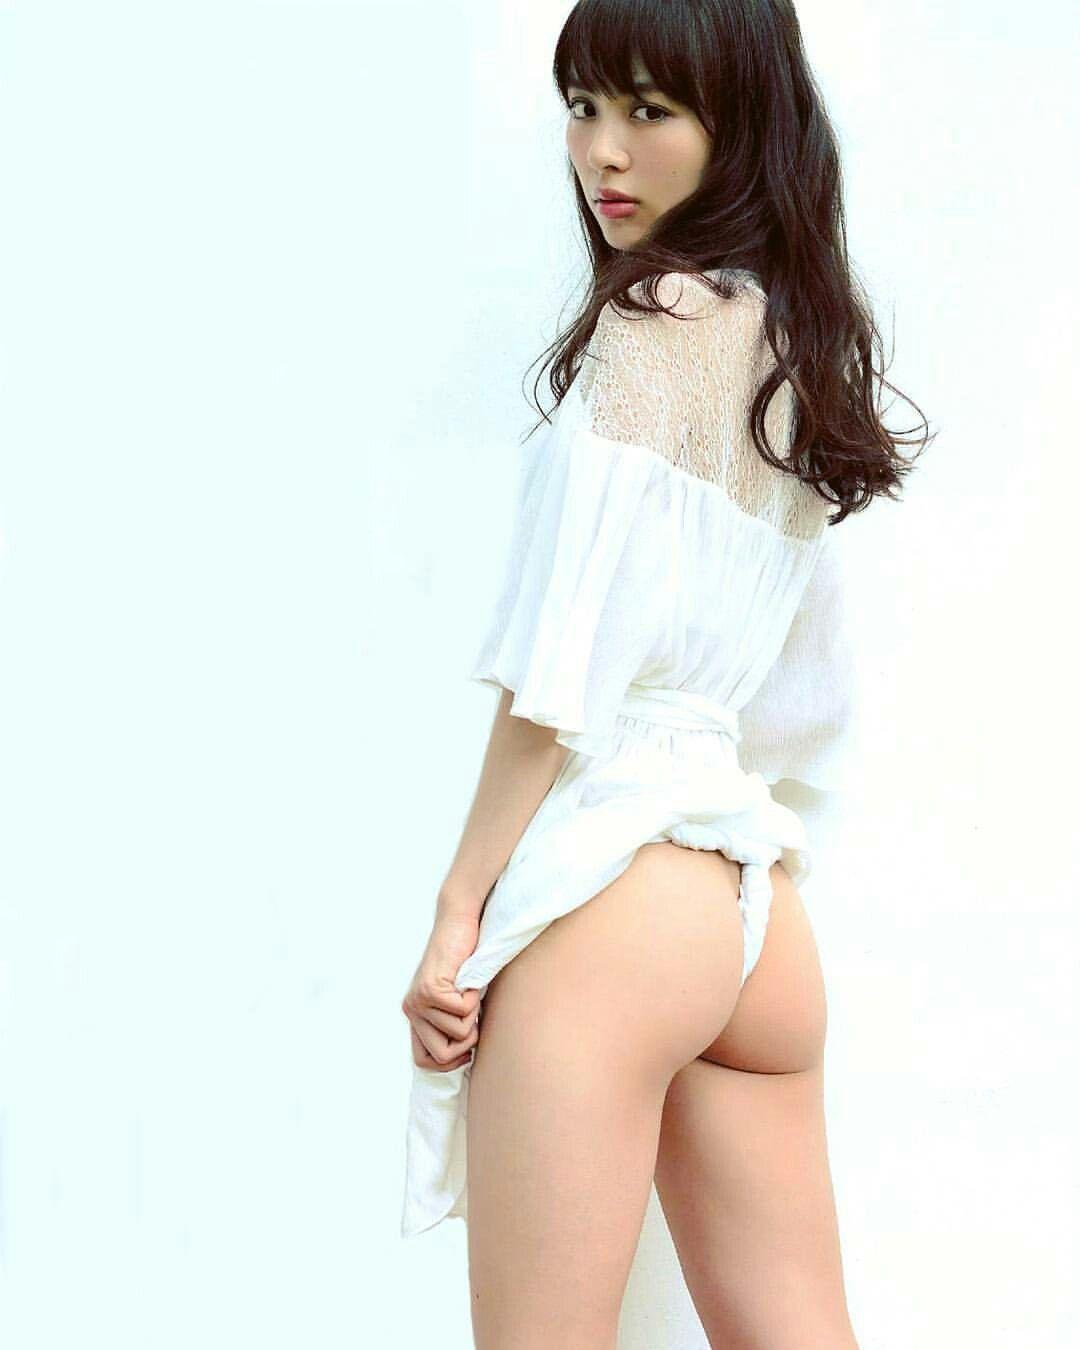 内田理央 Rio Uchida Japanese Actress Pinterest Actresses